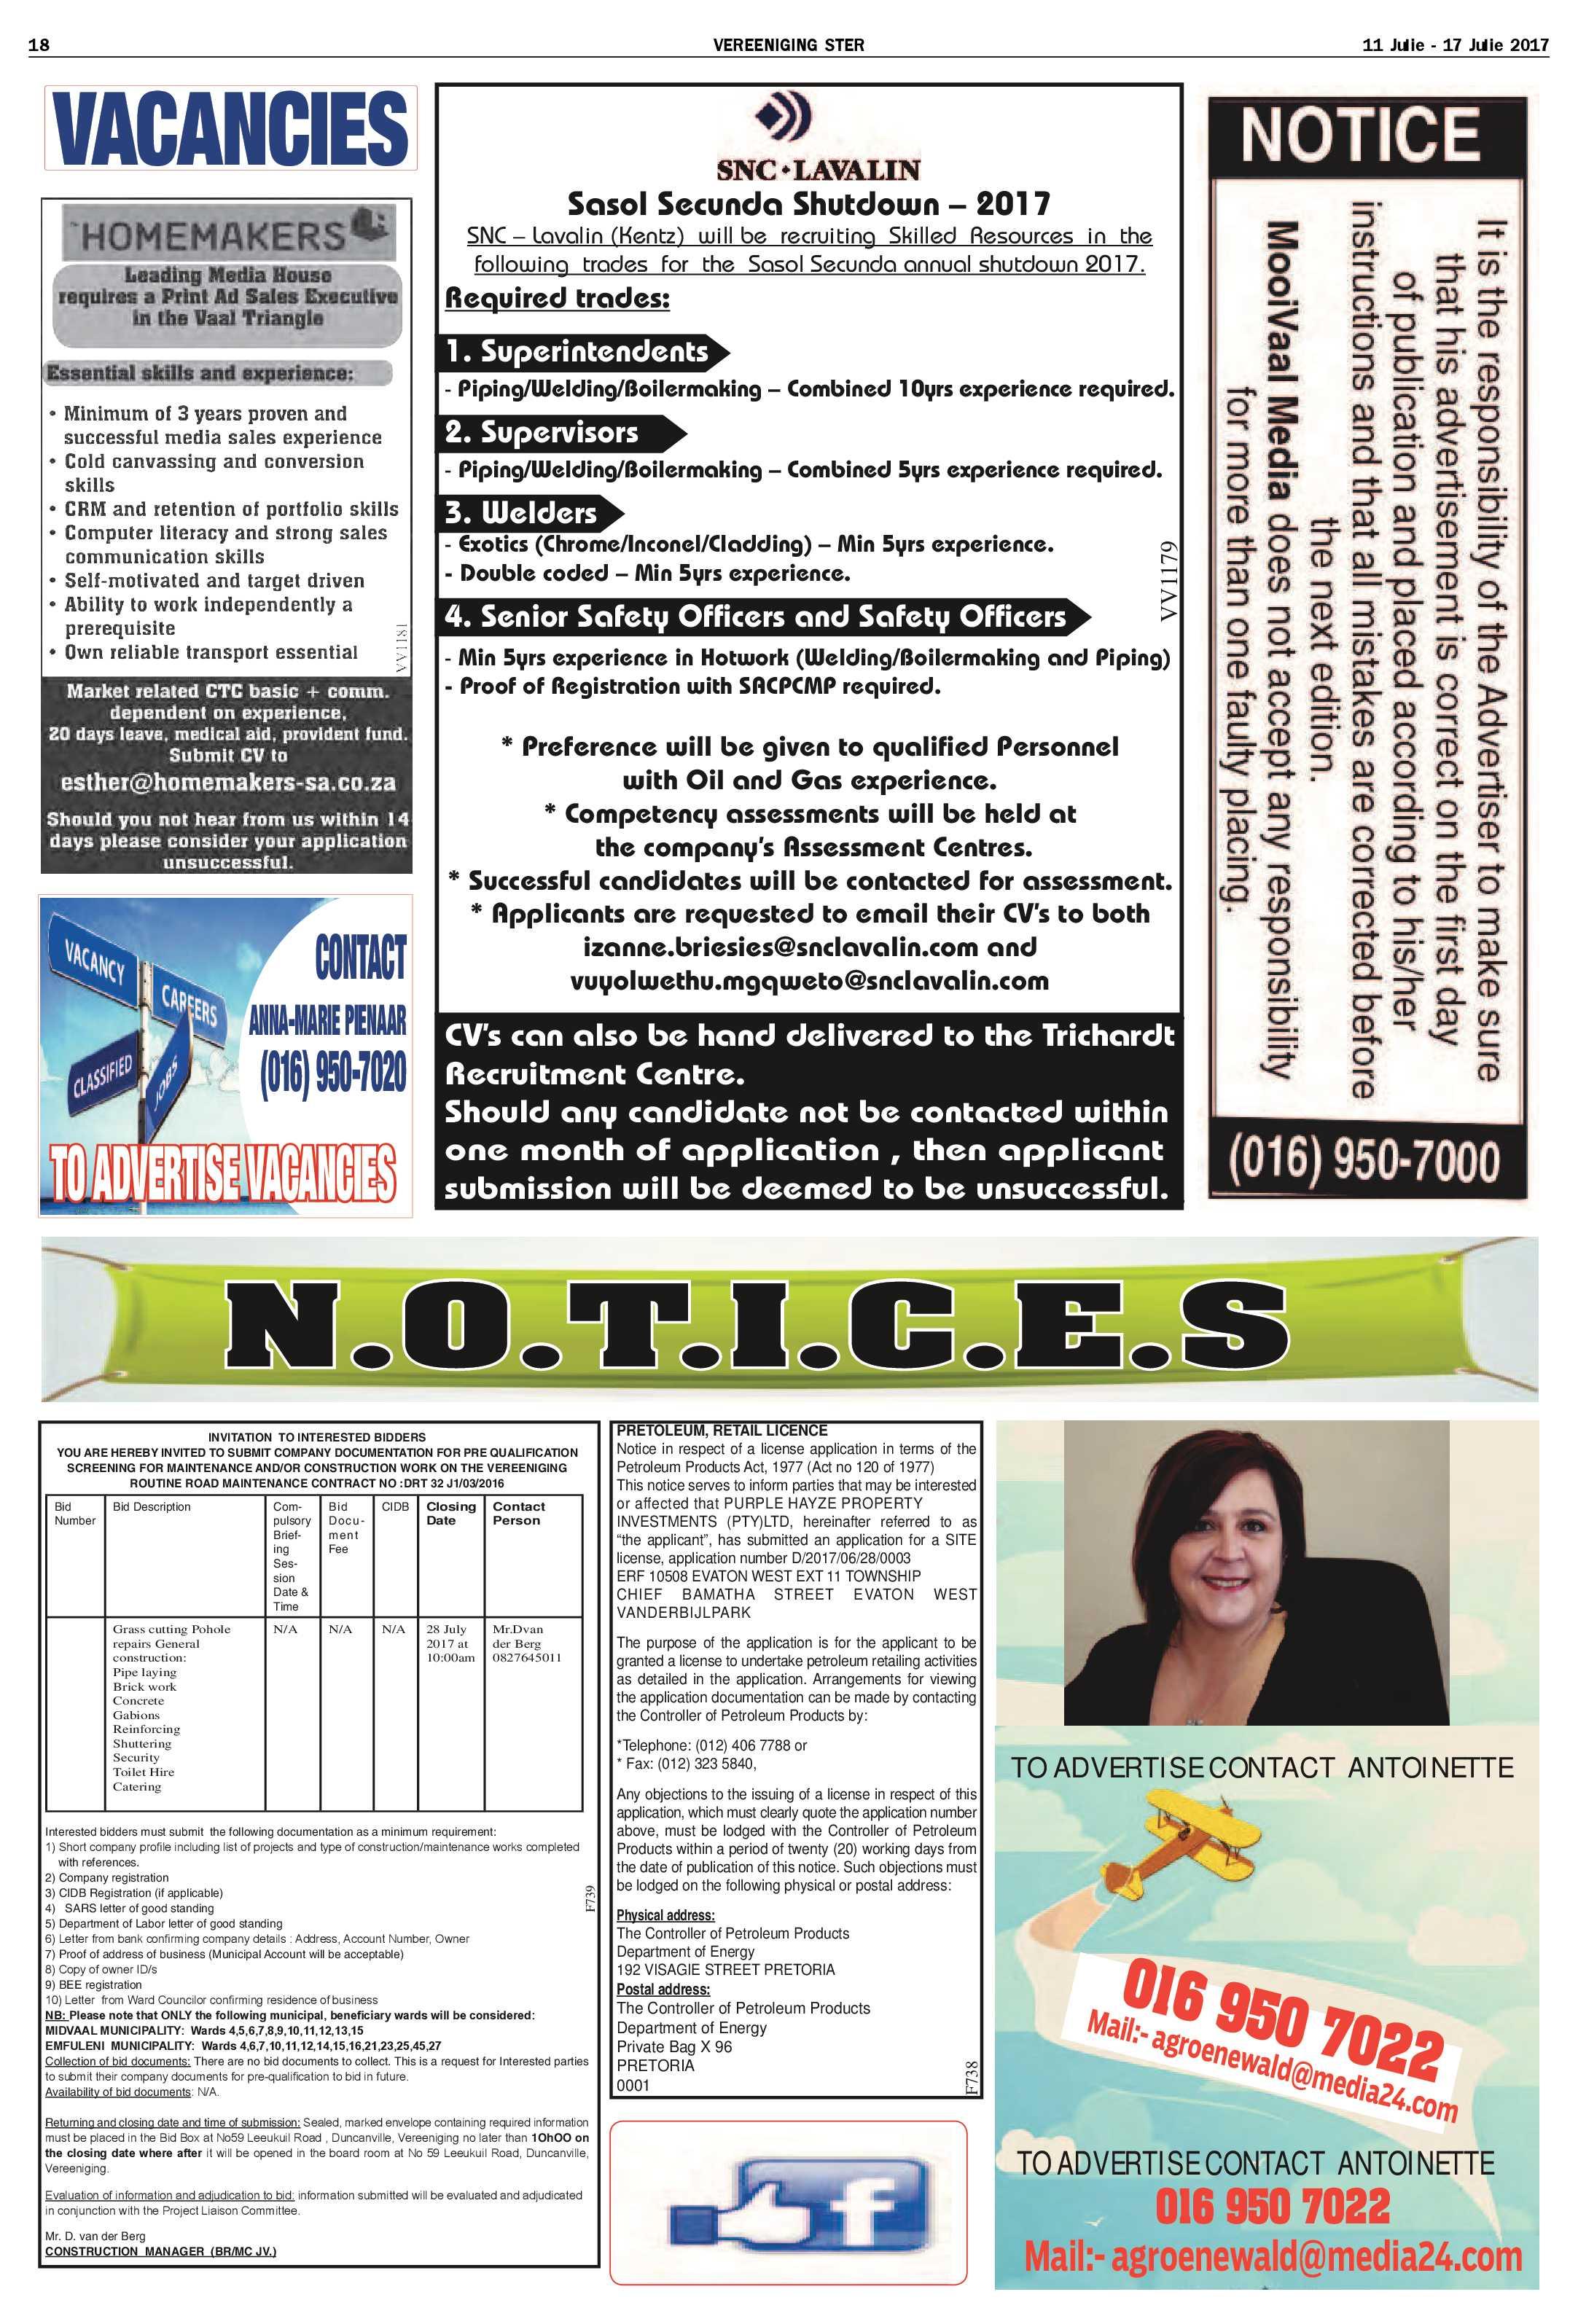 vereeniging-ster-11-17-julie-2017-epapers-page-18